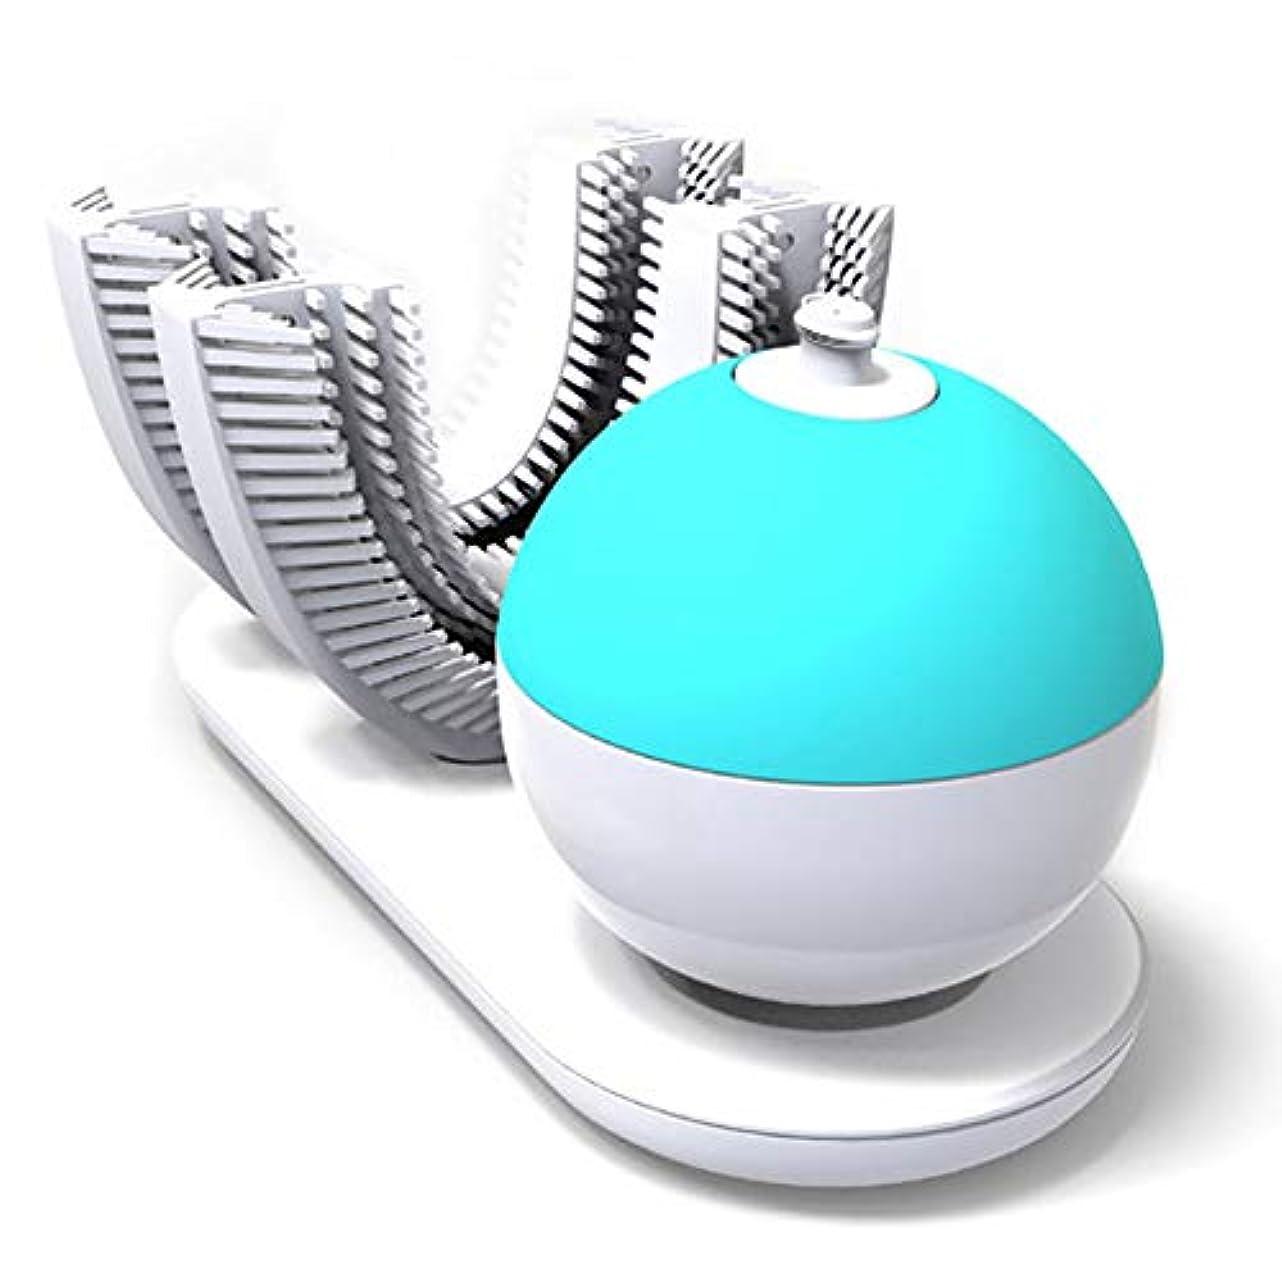 解読するアベニュー危険フルオートマチック可変周波数電動歯ブラシ、自動360度U字型電動歯ブラシ、ワイヤレス充電IPX7防水自動歯ブラシ(大人用)